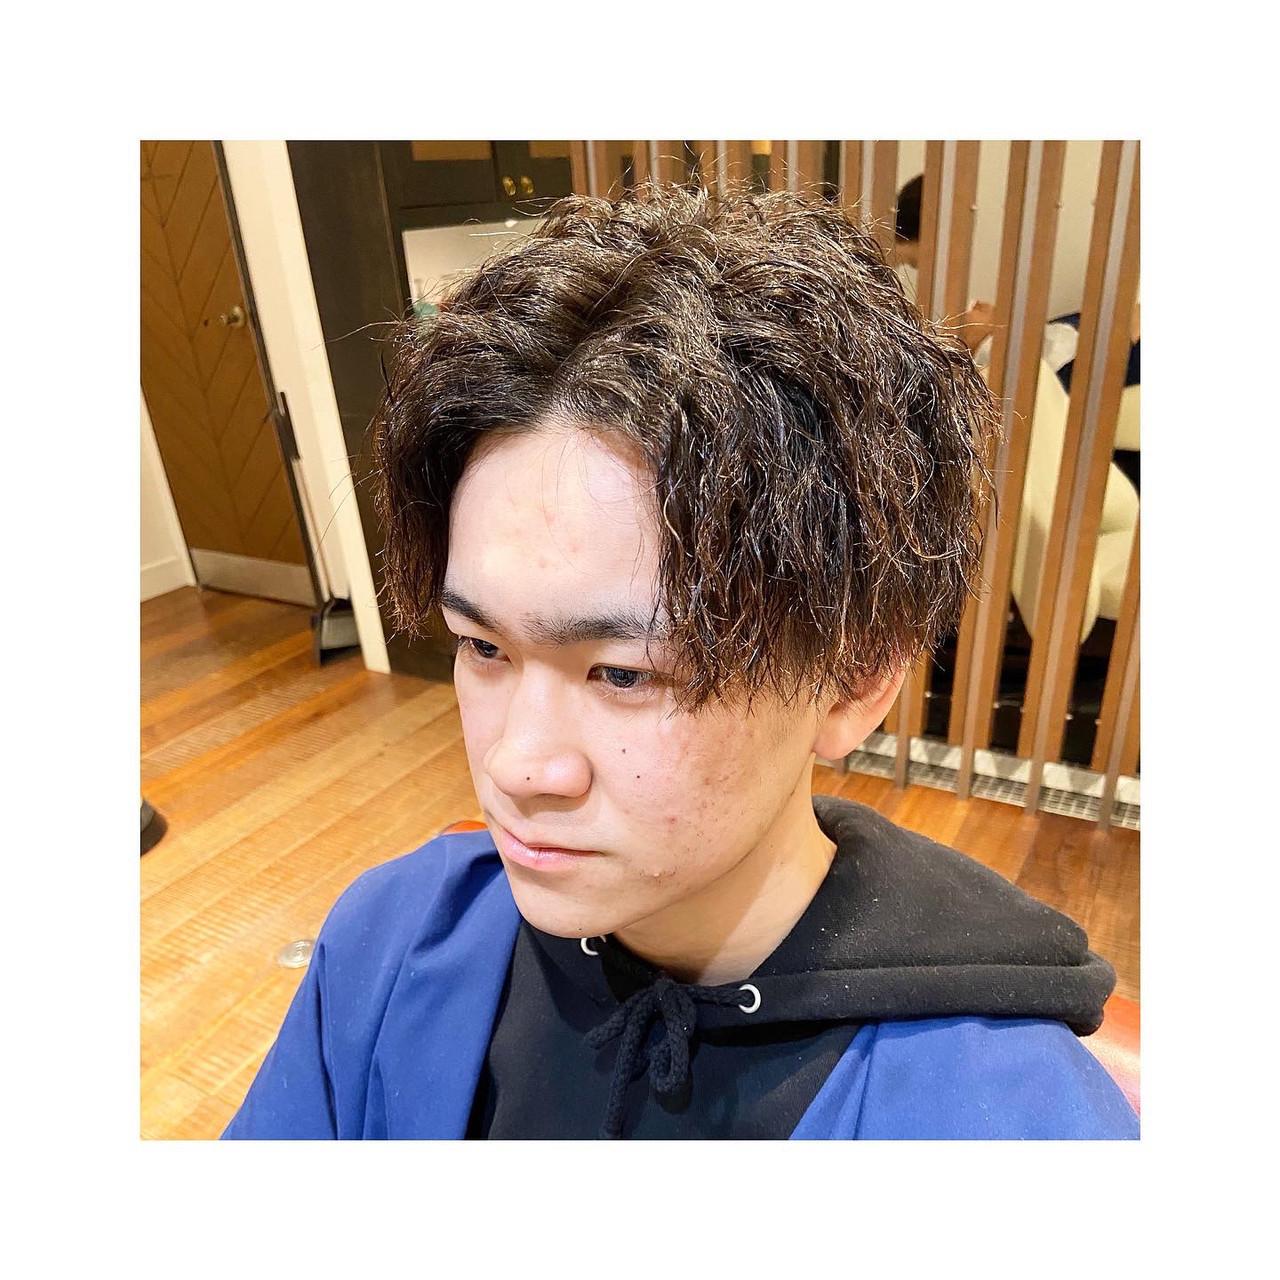 メンズカット メンズパーマ ショート 刈り上げ ヘアスタイルや髪型の写真・画像